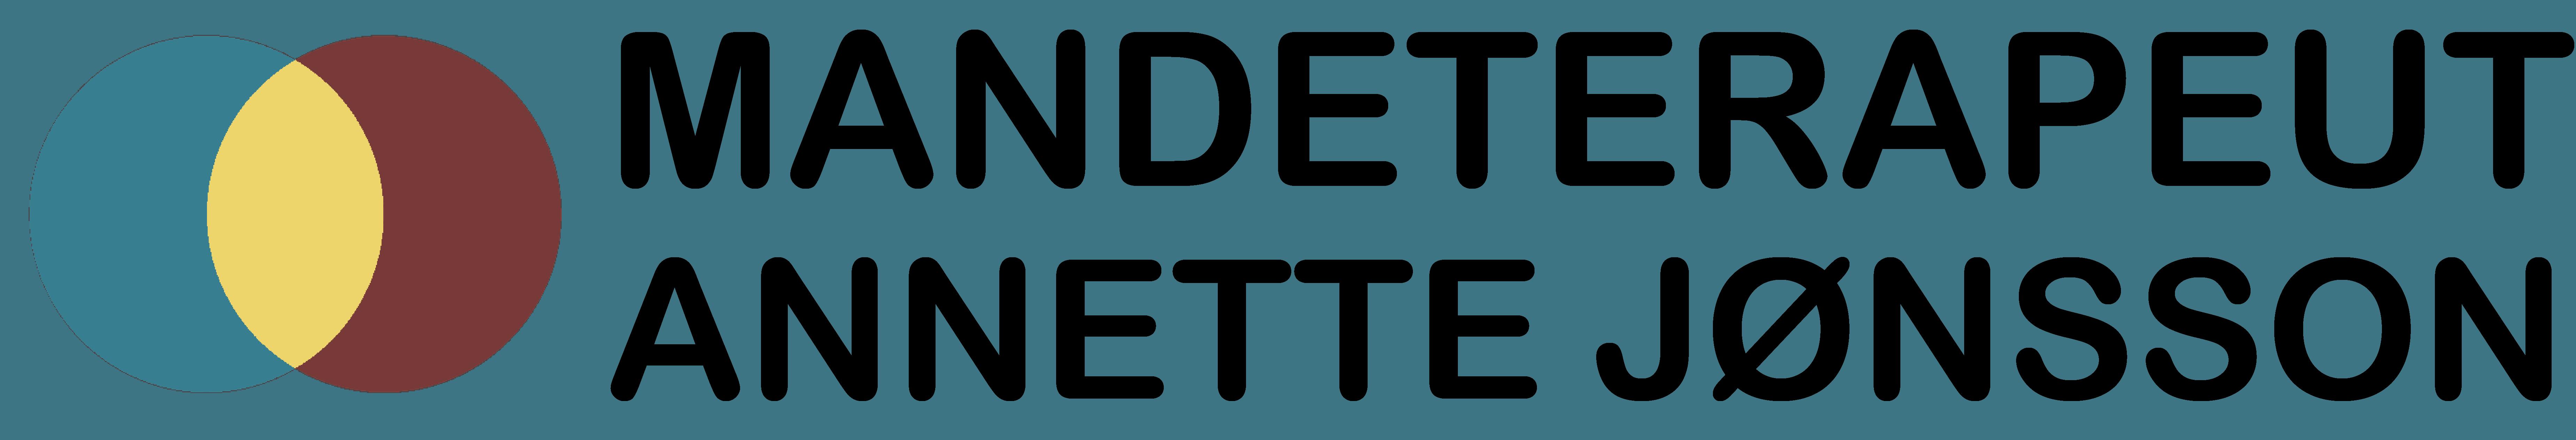 Mandeterapeut: Annette Jønsson